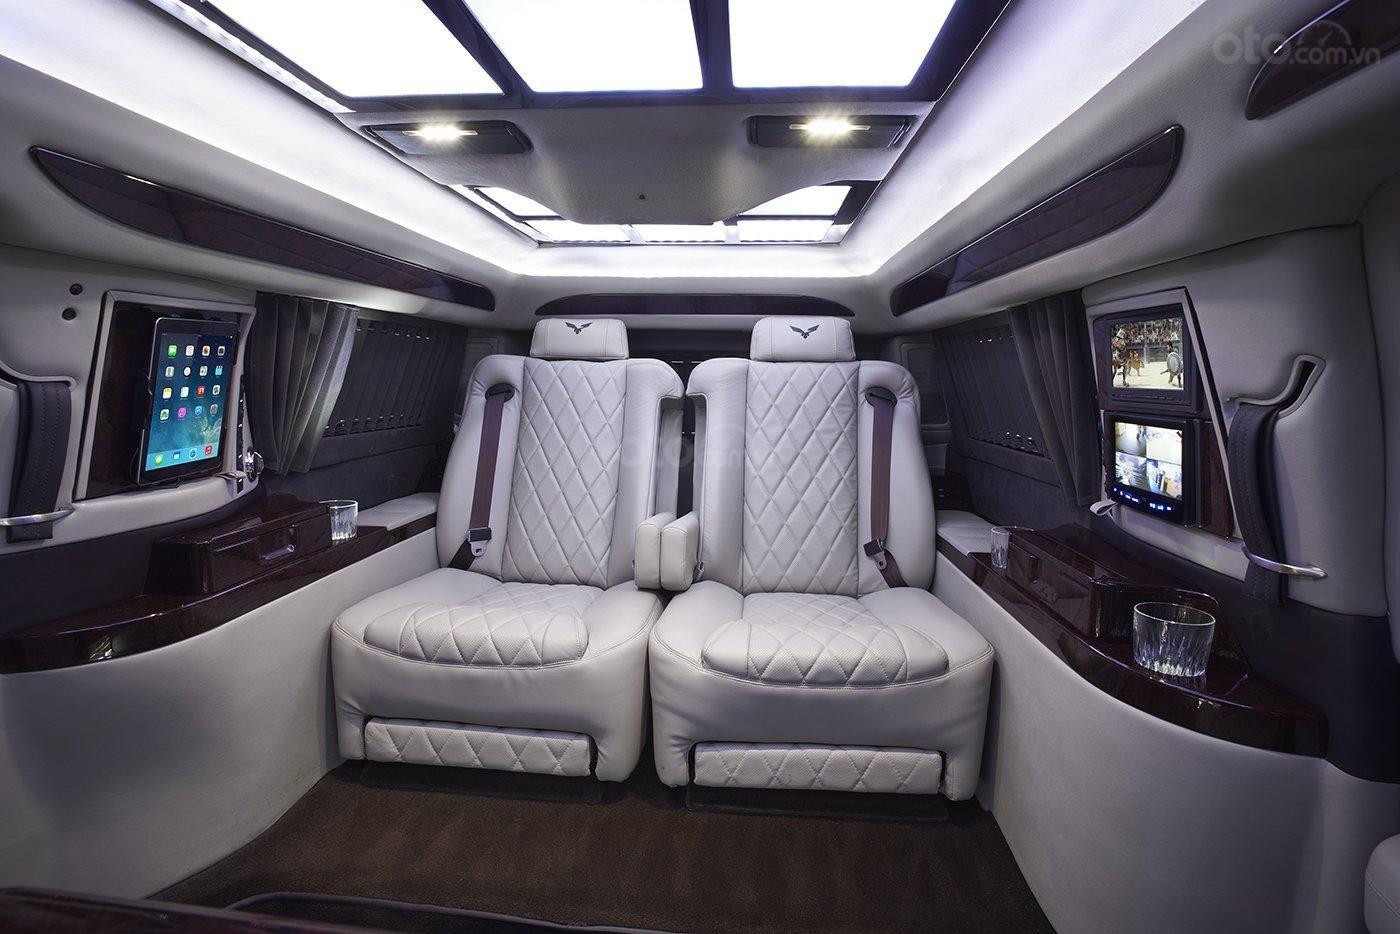 Ghế ngồi trong xe Cadillac Escalade AddArmor Edition